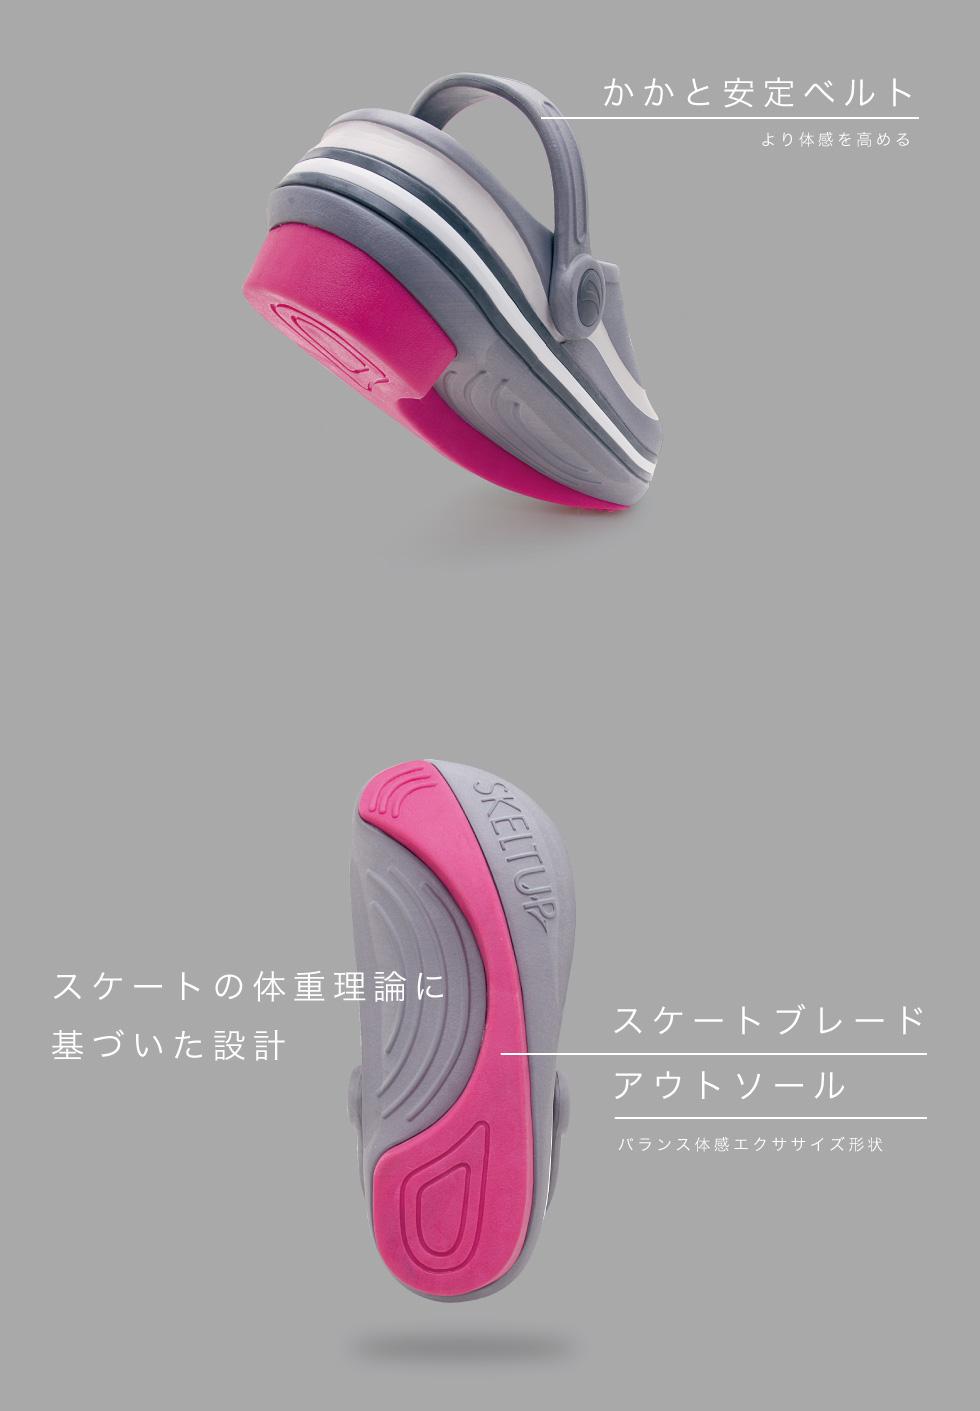 かかと安定ベルト より体幹を高める スケートの体重理論に基づいた設計「スケートブレードアウトソール」バランス体幹エクササイズ形状